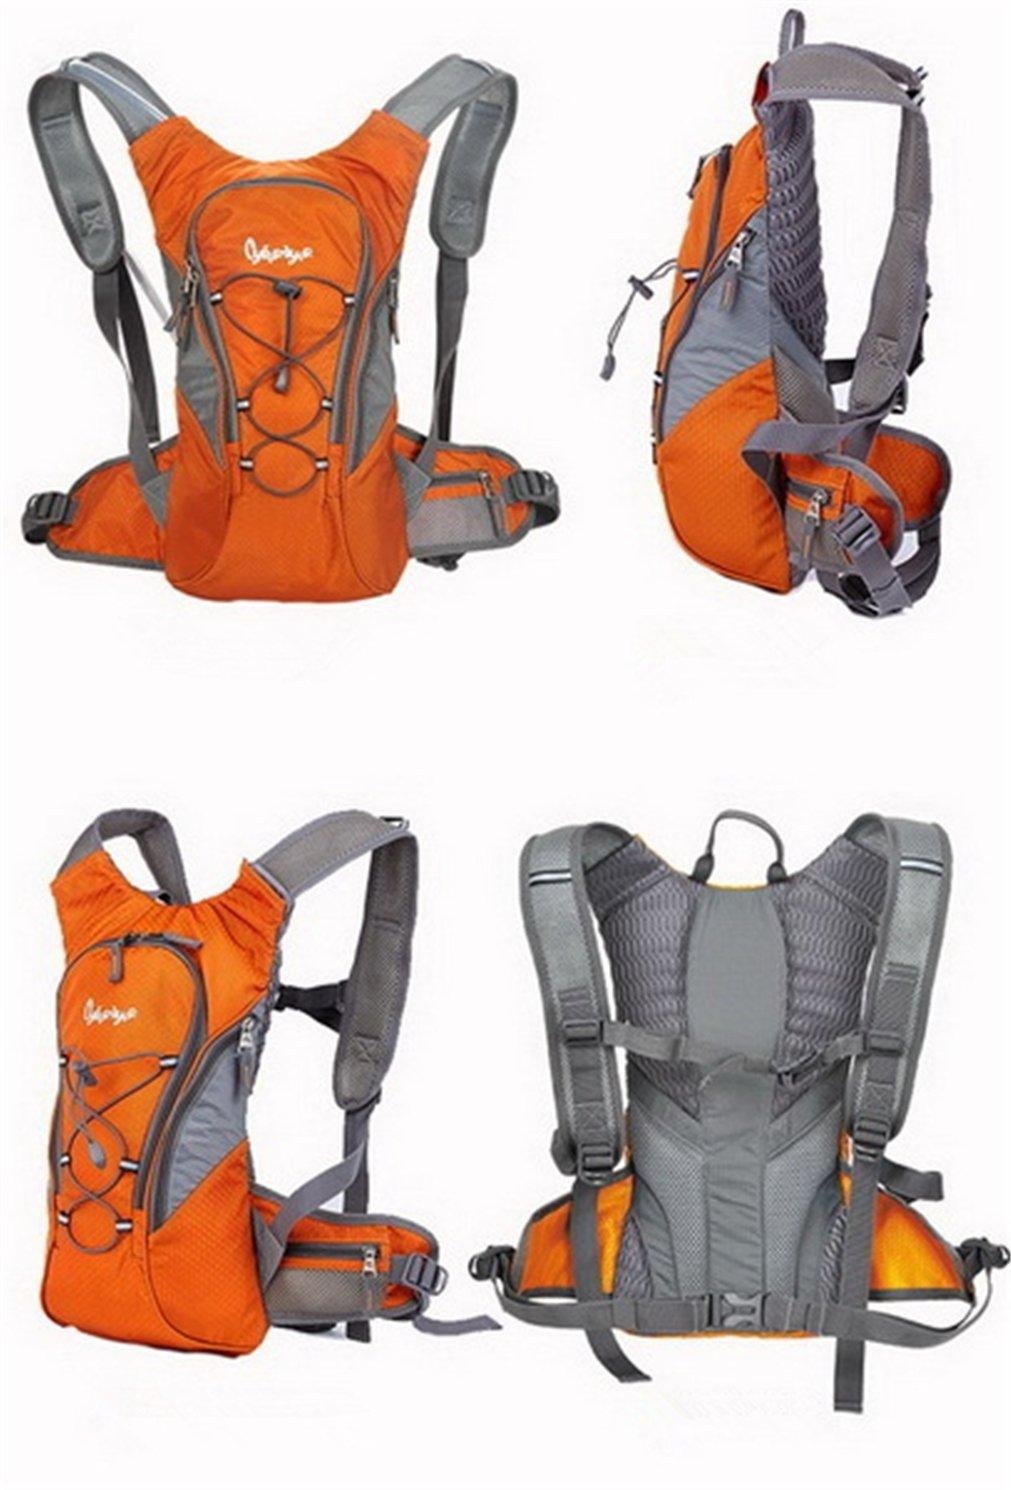 Holzsammlung Pacchetto idratazione Sacca 2 litri e Zaino - Ideale per Ciclismo, Escursionismo, Corsa, Campeggio, Camminata